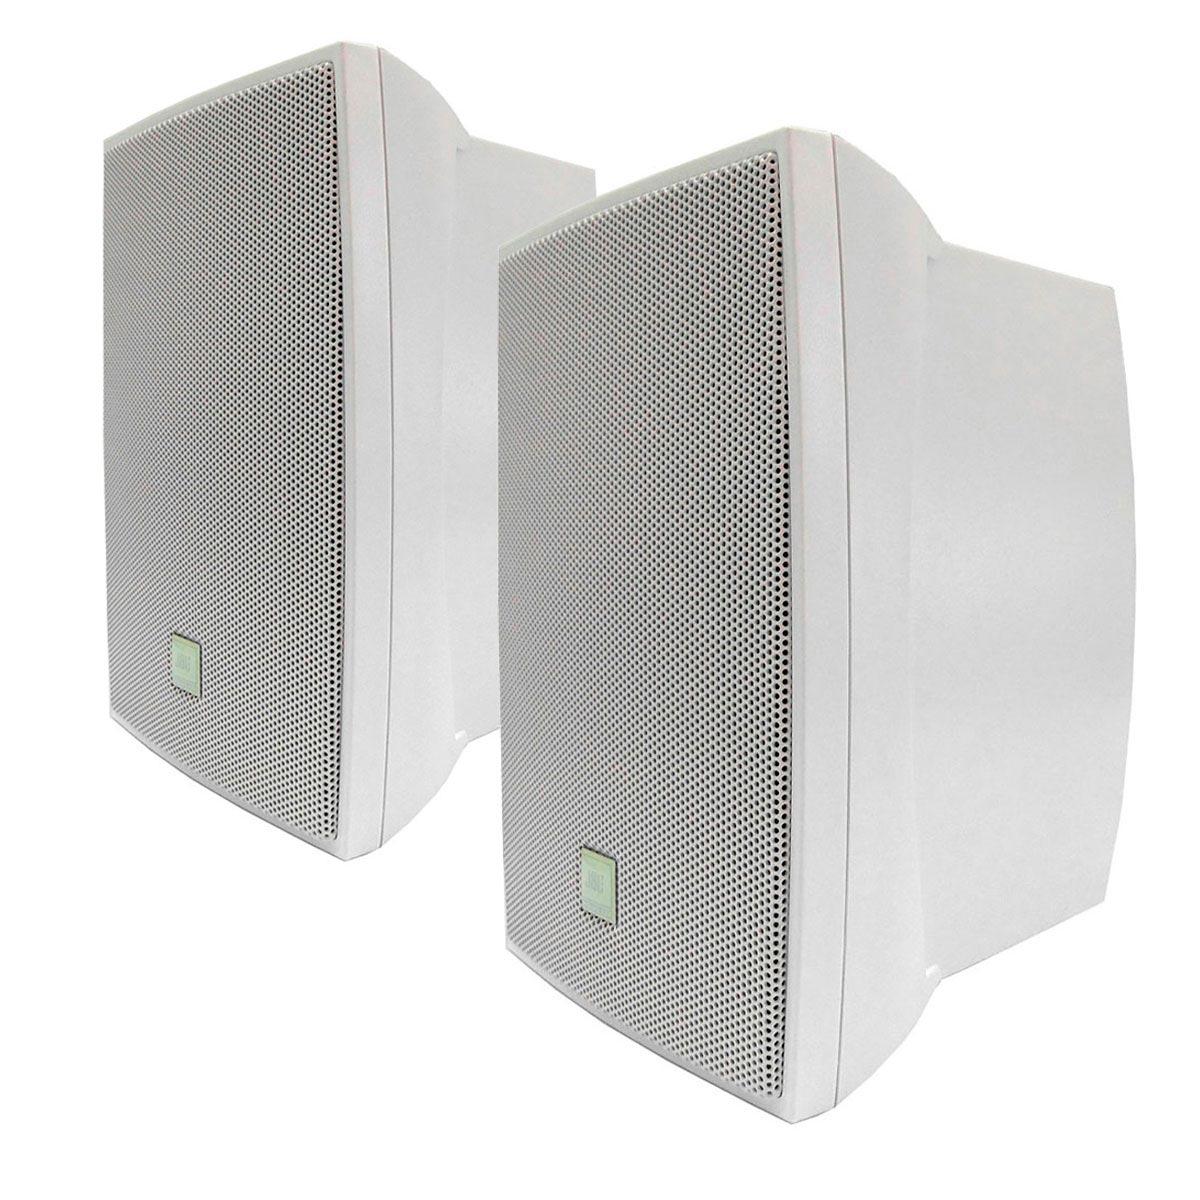 Caixa Passiva p/ Som Ambiente Fal 5 Pol 40W c/ Suporte (Par) C 521 B - JBL